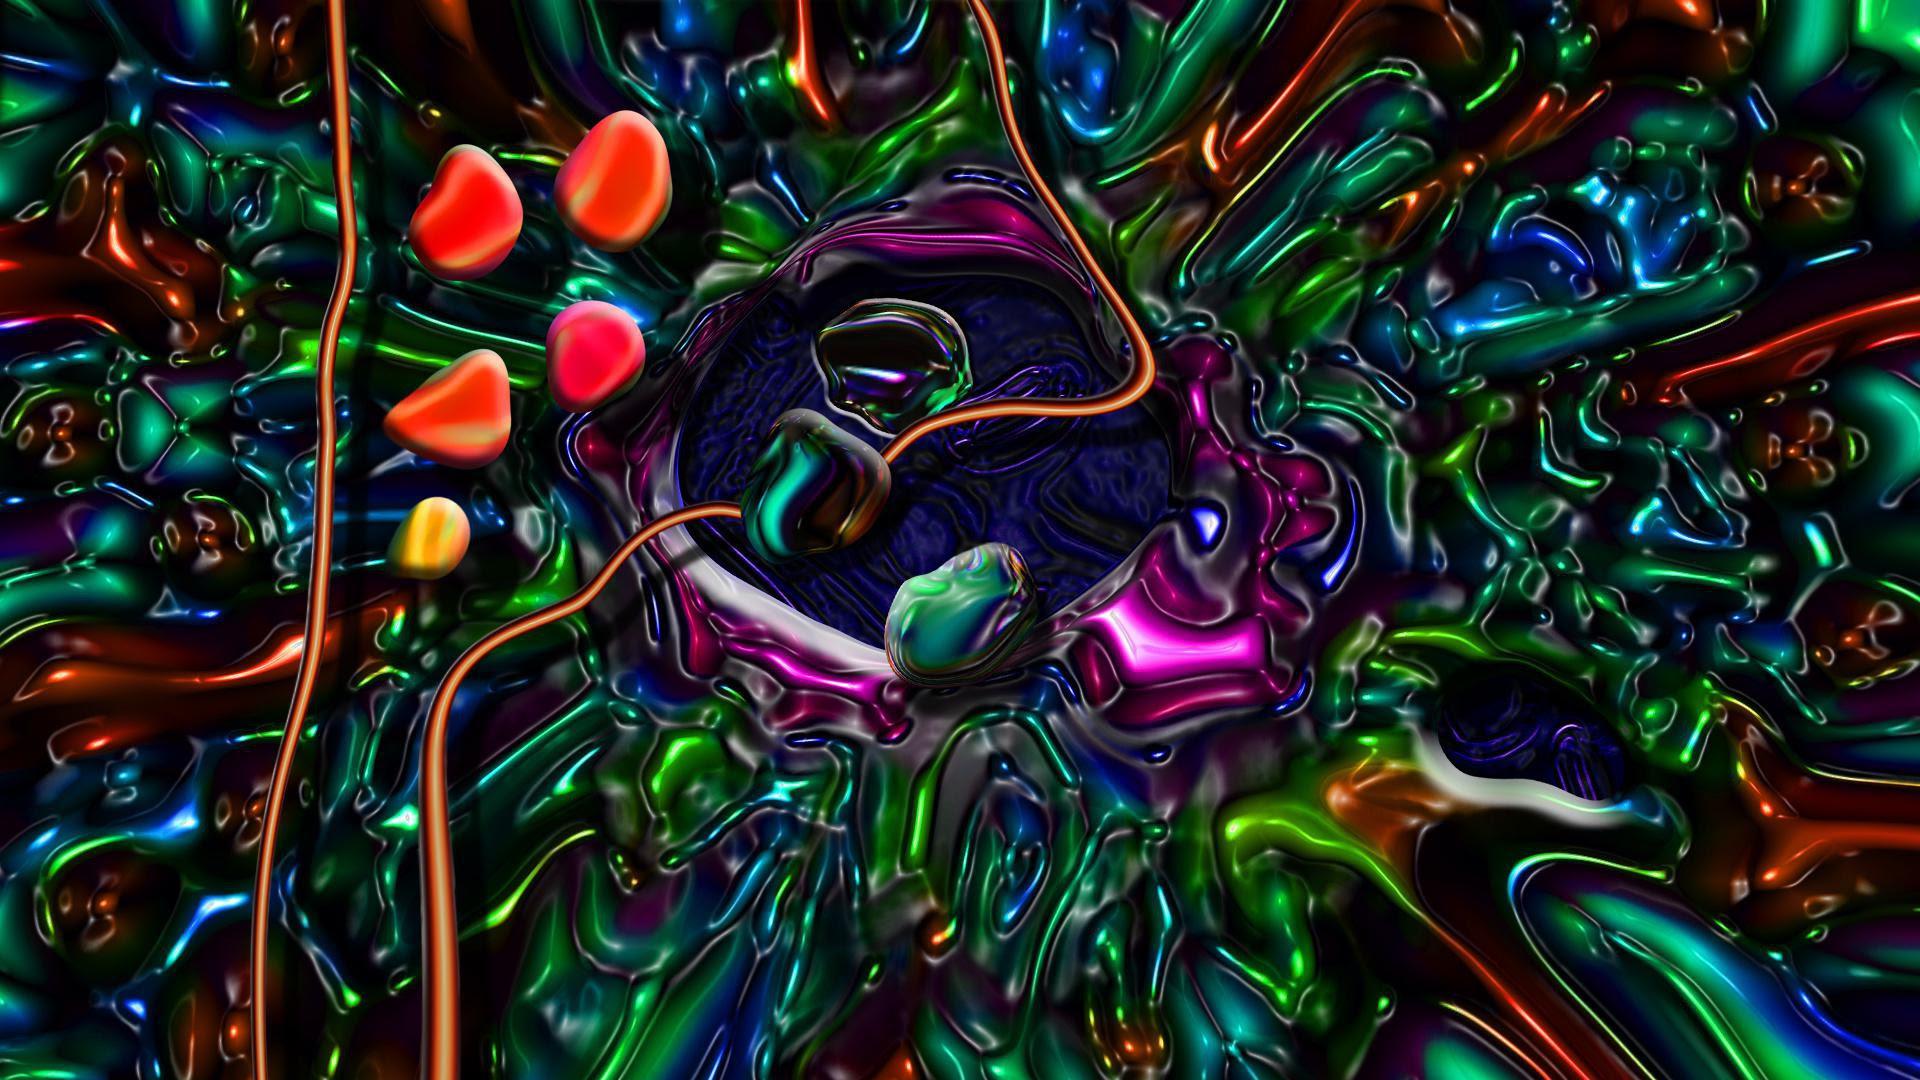 Trippy HD Wallpapers iPhone - WallpaperSafari